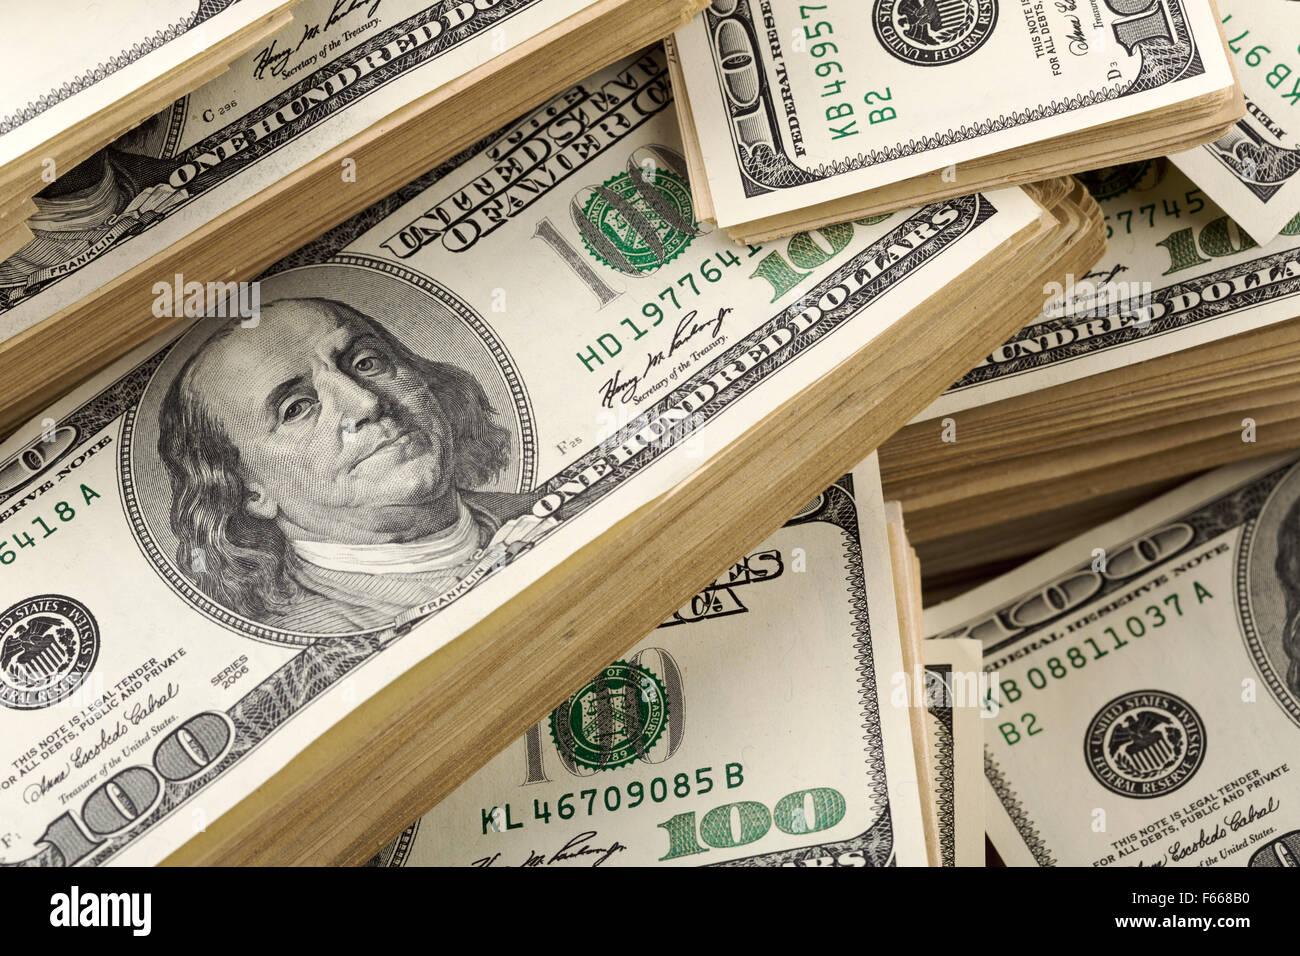 Arrière-plan de pile de billets en dollars. Libre Photo Stock